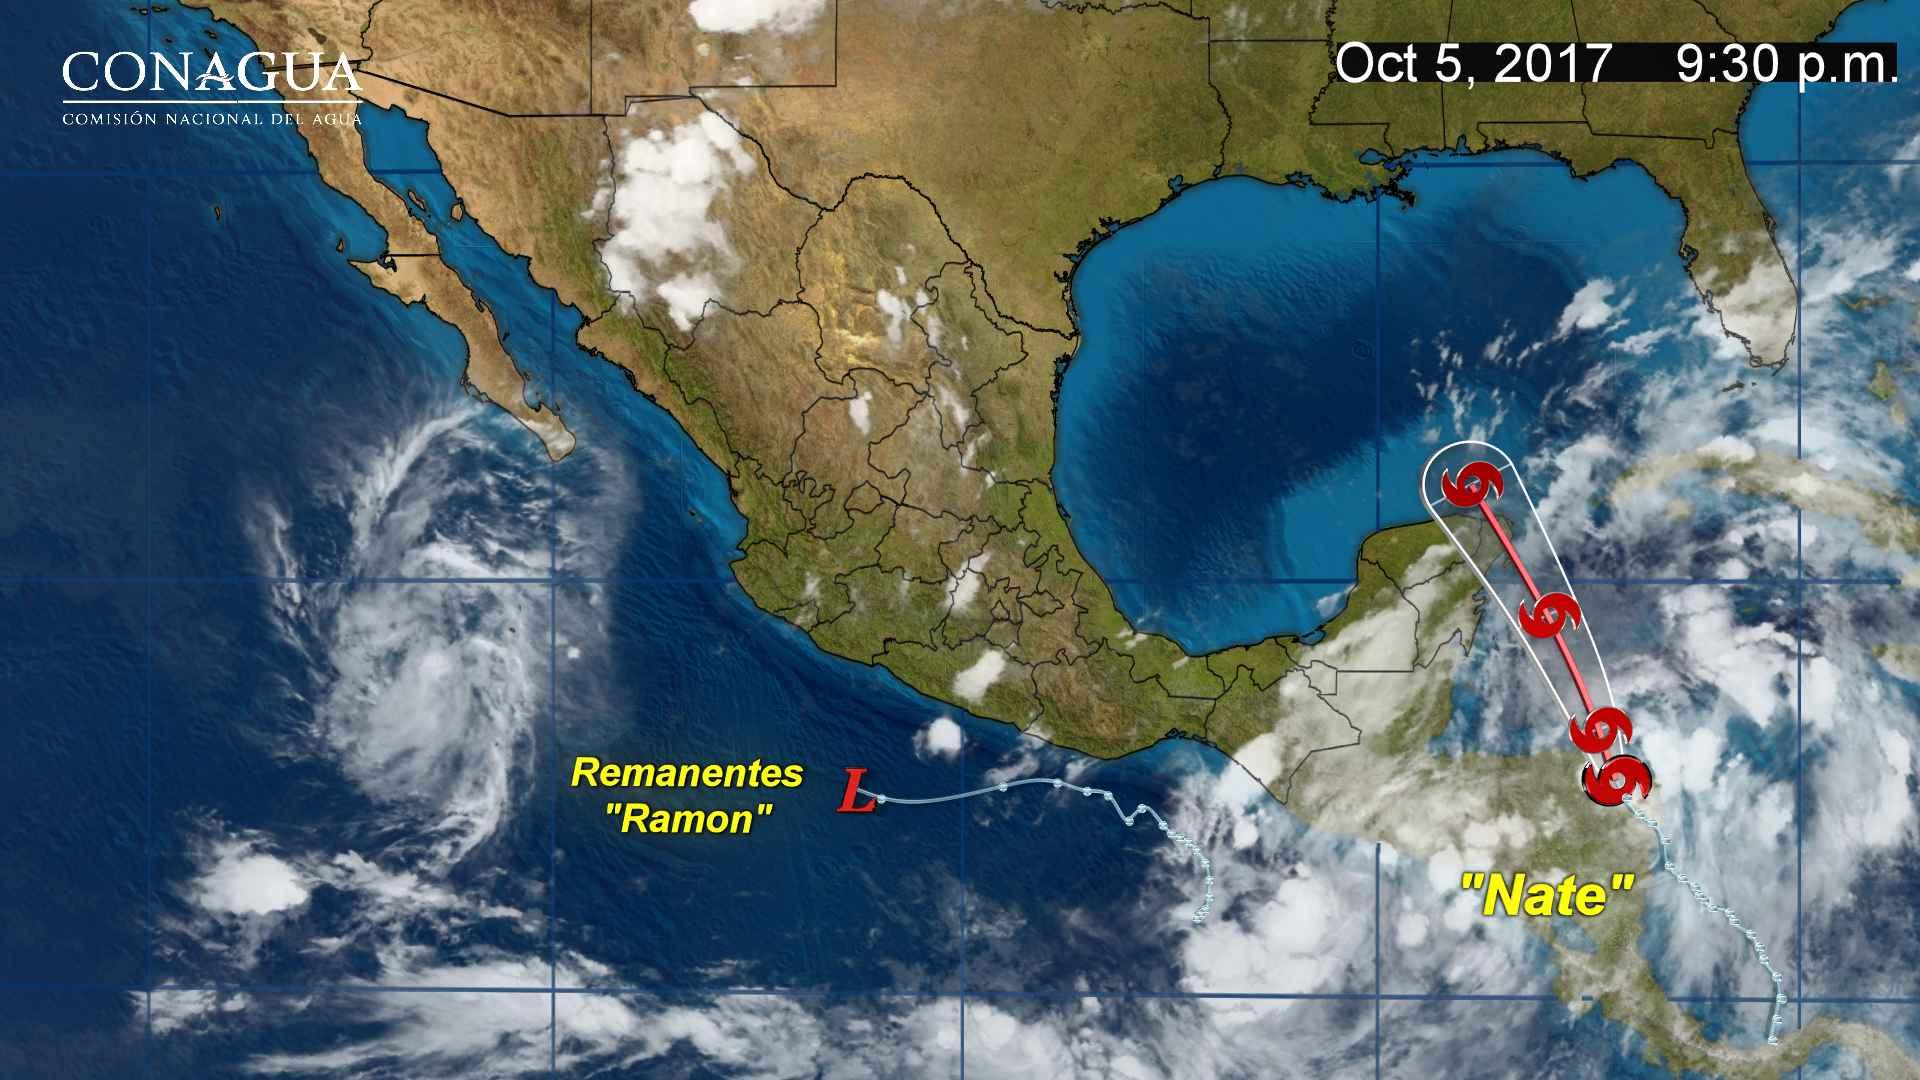 Mañana la tormenta tropical Nate se aproximará a las costas de Quintana Roo y Yucatán